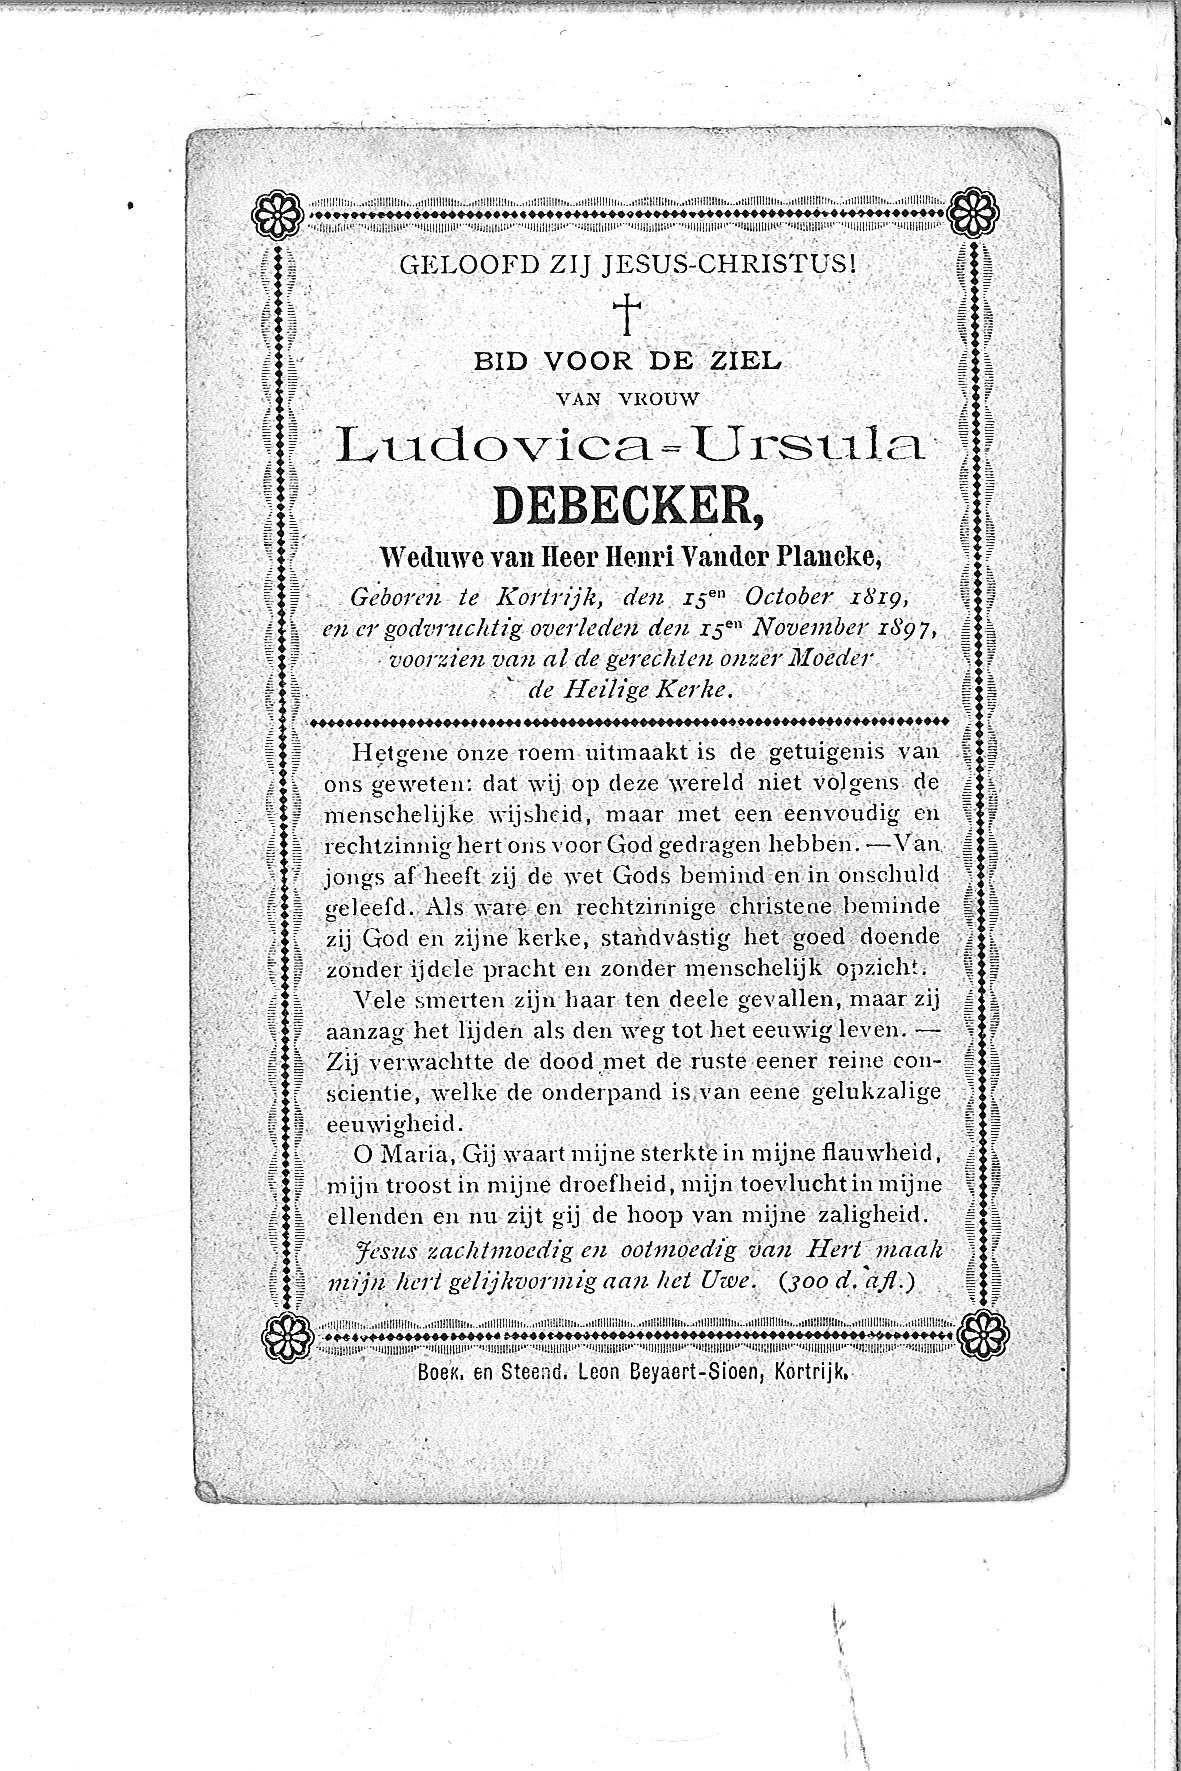 Ludovica-Ursula(1897)20140328144018_00088.jpg